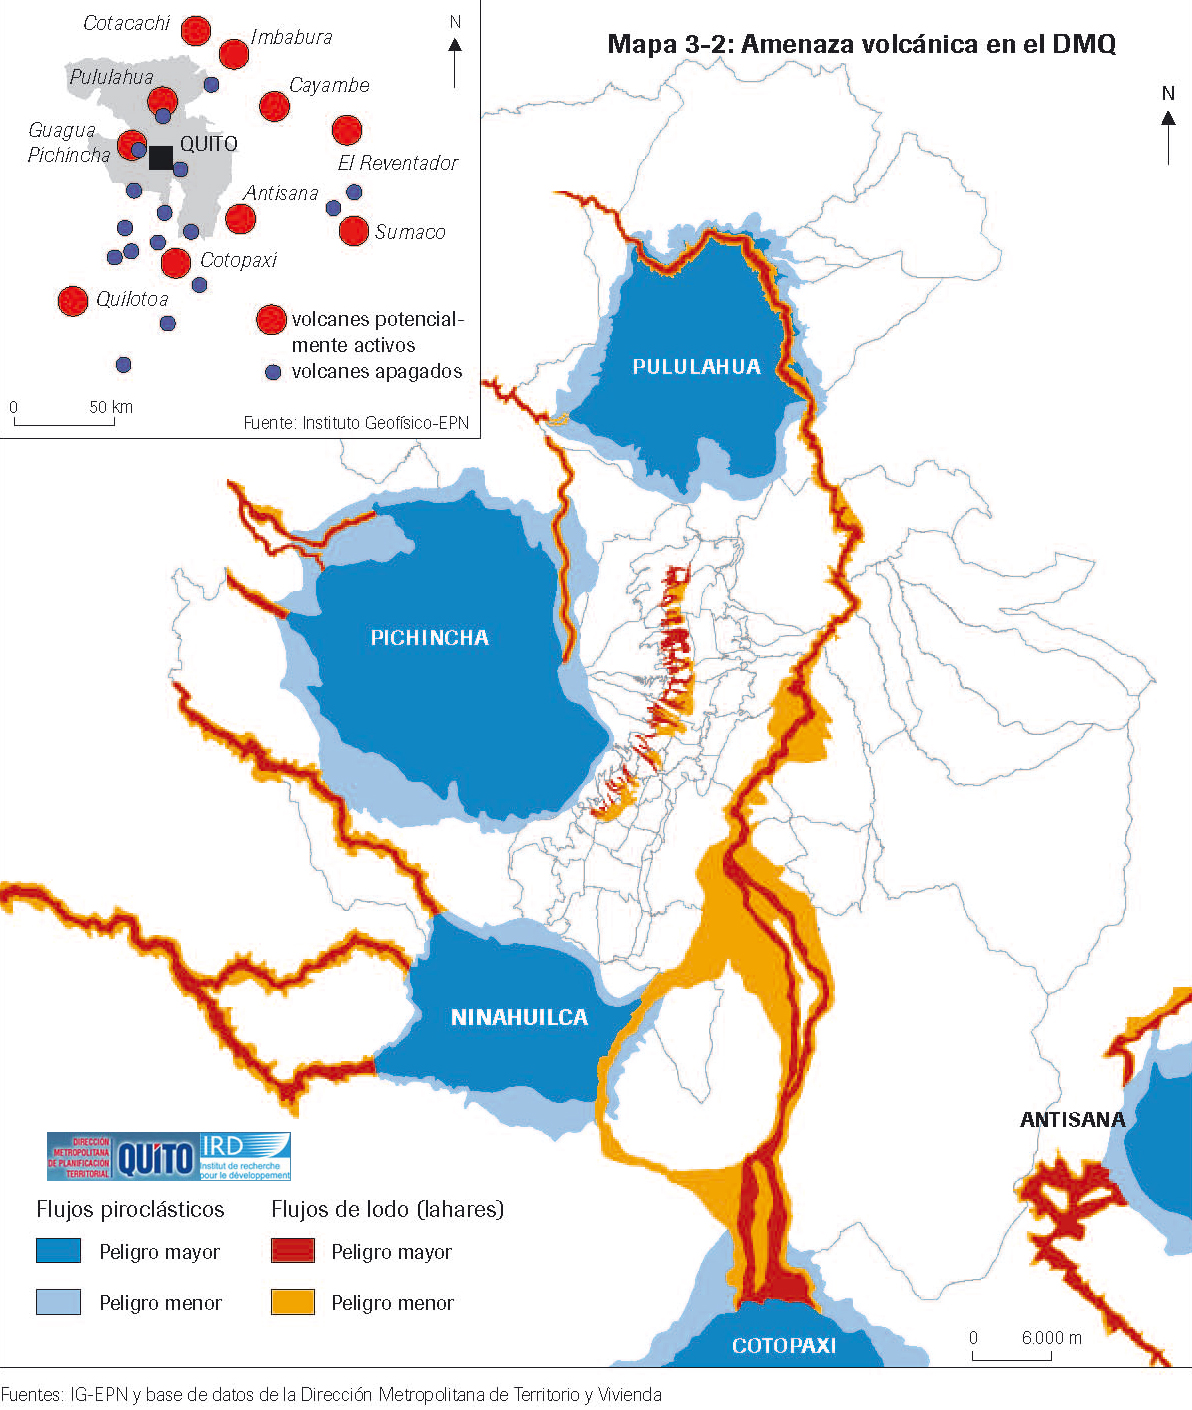 Amenaza volcánica en el Distrito Metropolitano de Quito 1988